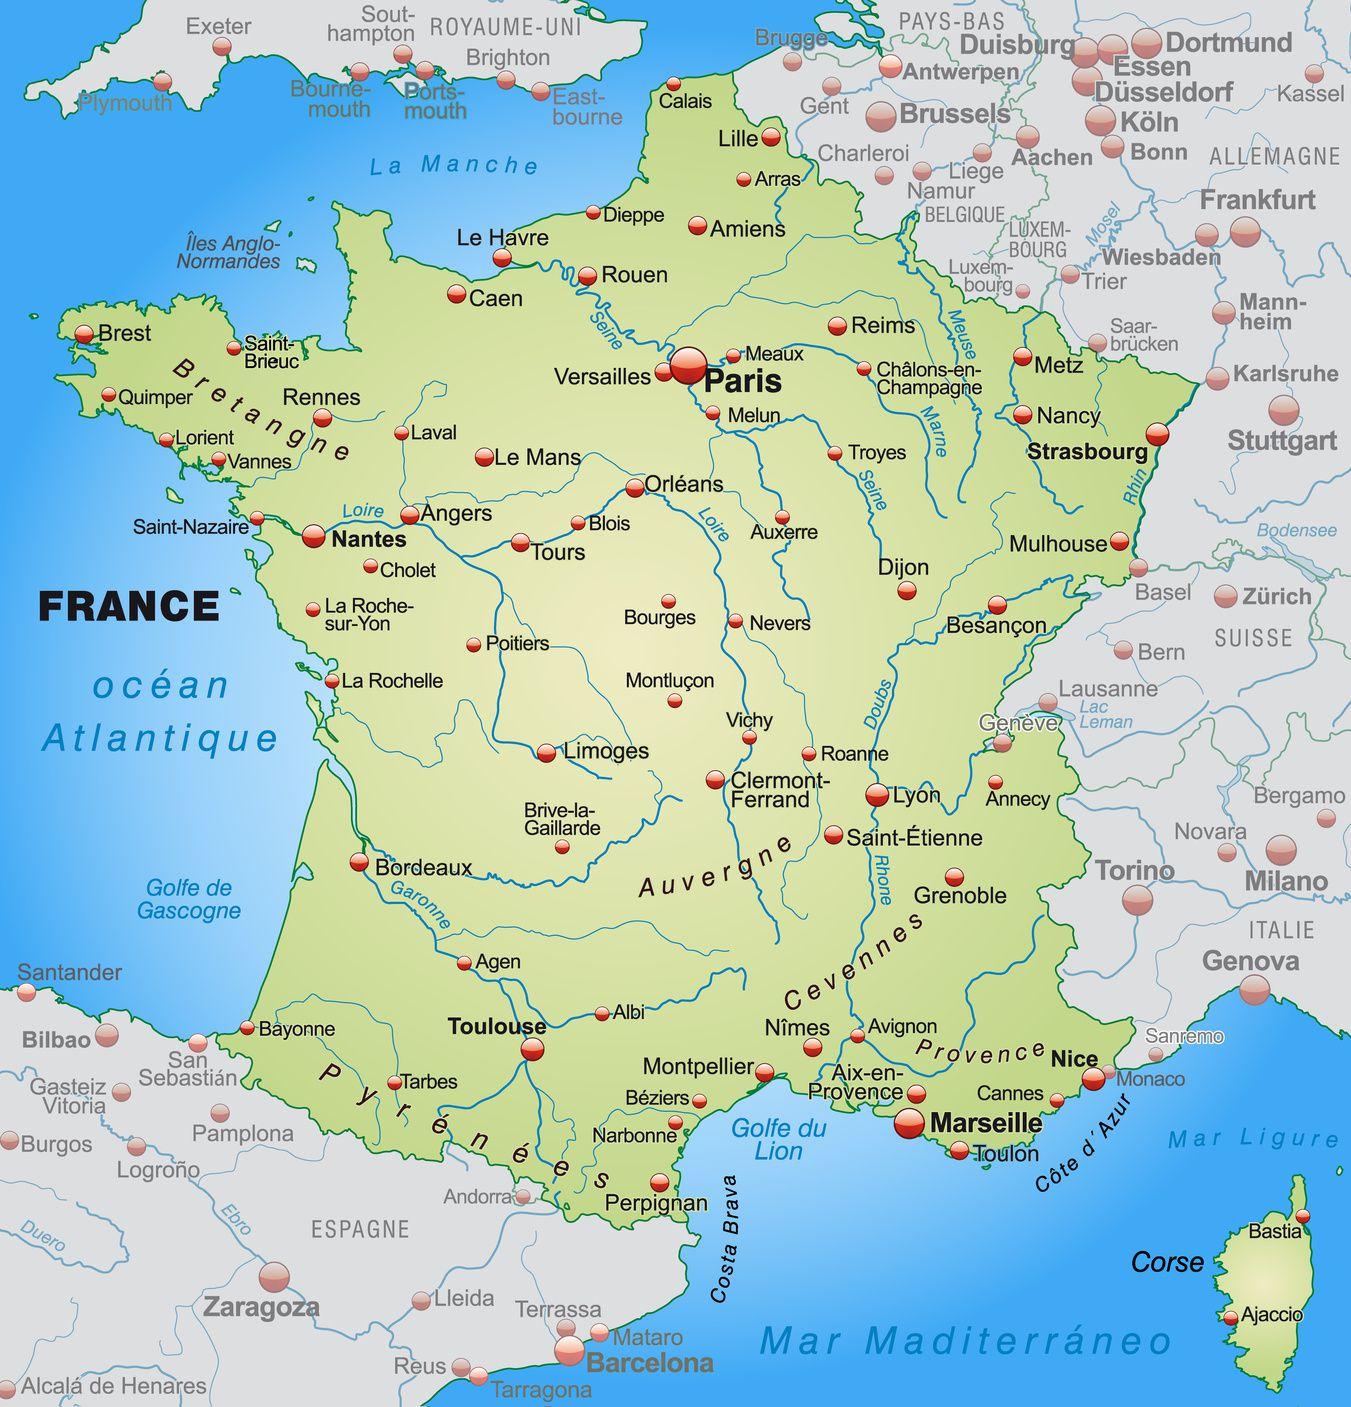 Carte Des Villes De France - Les Plus Grandes Villes Du Pays concernant Grande Carte De France